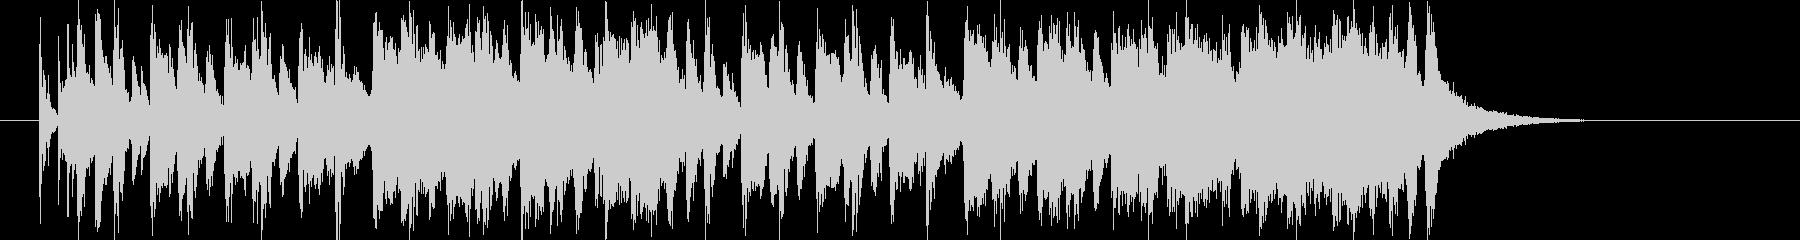 明るいピアノのポップ曲の未再生の波形